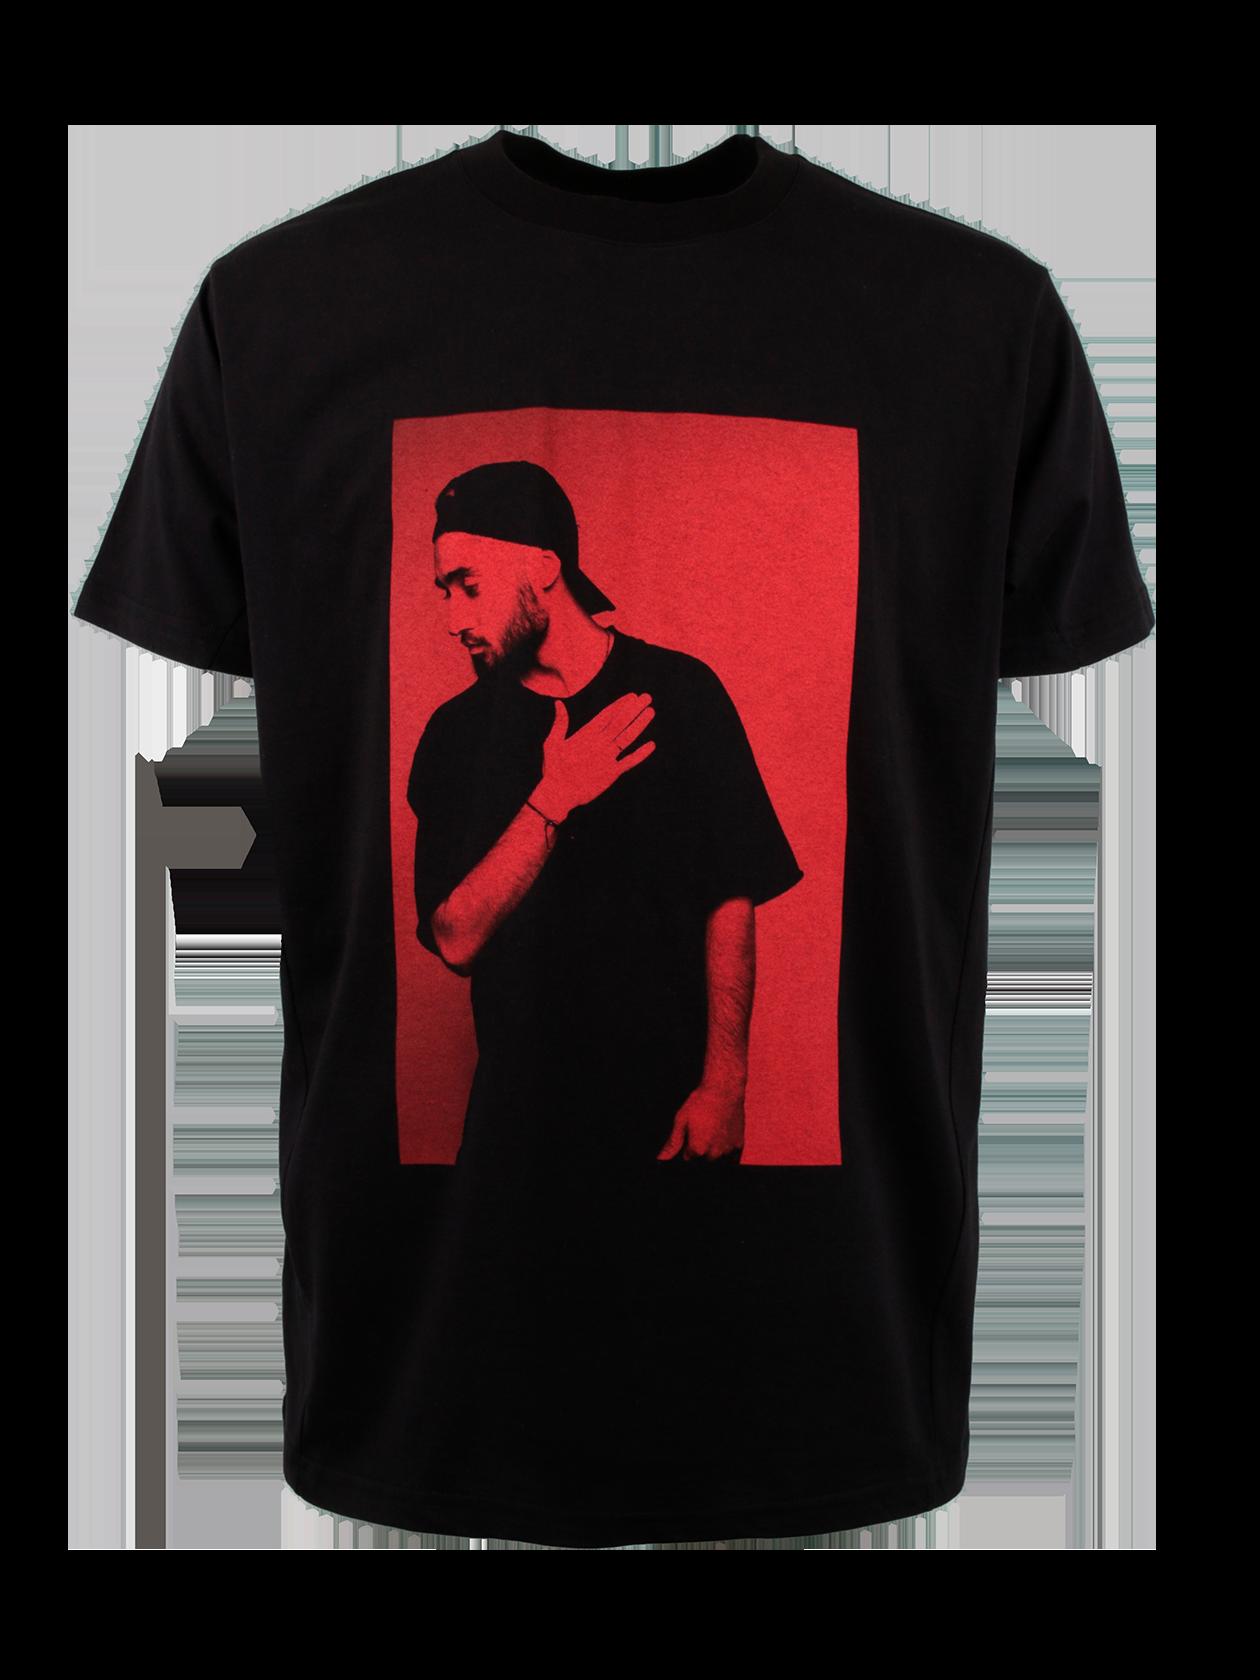 Футболка унисекс MOT STELET REDФутболка унисекс Mot Stelet Red из нового мерча Мота – стильная вещь для создания уникального стиля. Модель лаконичного дизайна выполнена в черном цвете. Удлиненный свободный силуэт дополнен широким коротким рукавом. Неглубокая горловина с эластичной окантовкой содержит жаккардовую нашивку с лейблом бренда Black Star Wear. Эффектная фишка изделия – принт с фотографией популярного артиста на красном фоне и небольшая надпись Mot Crocus City Hall 2017 на спине.&amp;nbsp;<br><br>Размер: S<br>Цвет: Черный<br>Пол: Унисекс